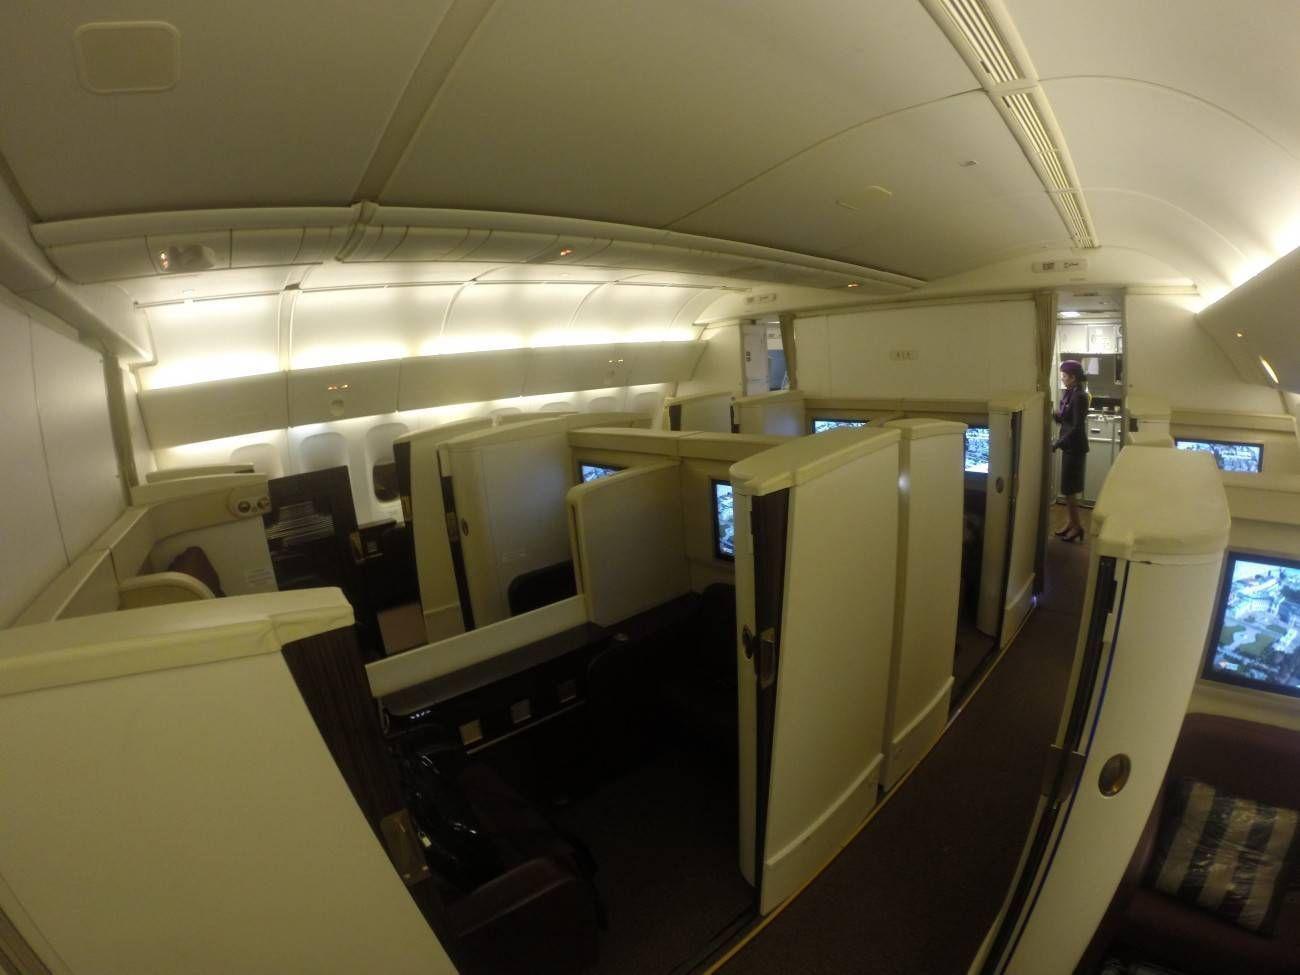 Jet-Airways-B777-First-Class-Etihad-Passageiro-de-Primeira-24-1300x975